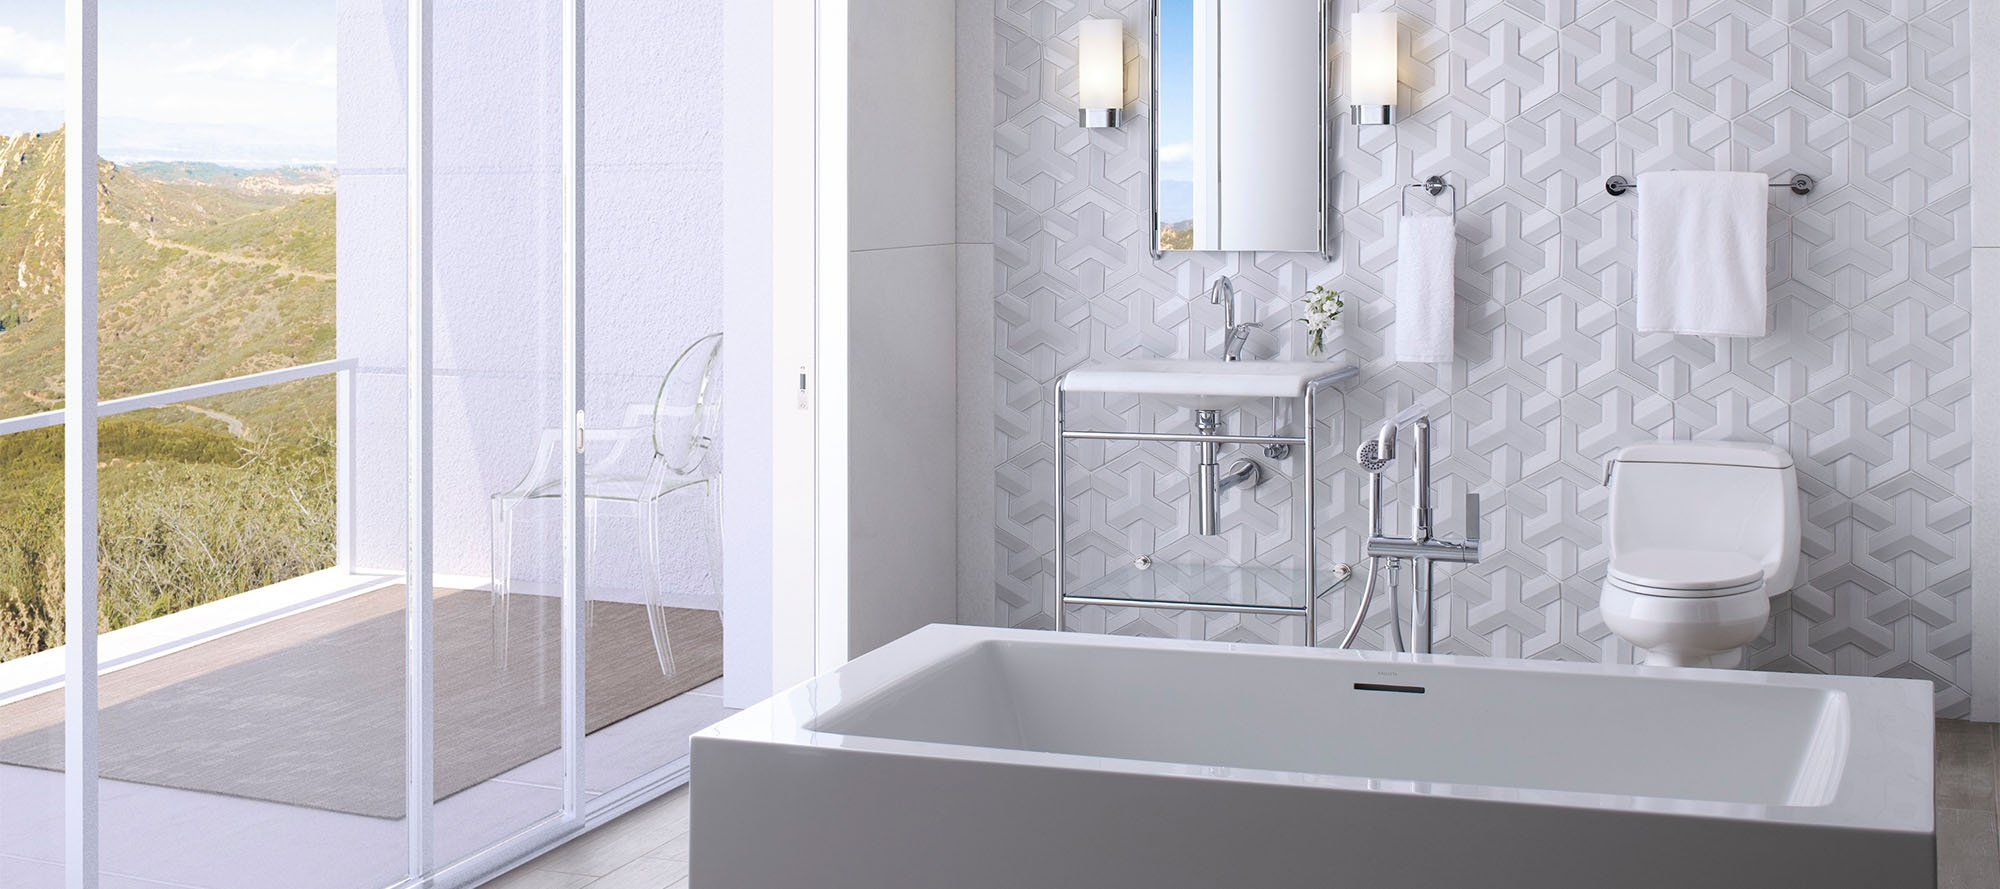 one sink faucet low spout cross handles p24491 cr faucets inside size 2000 x 889